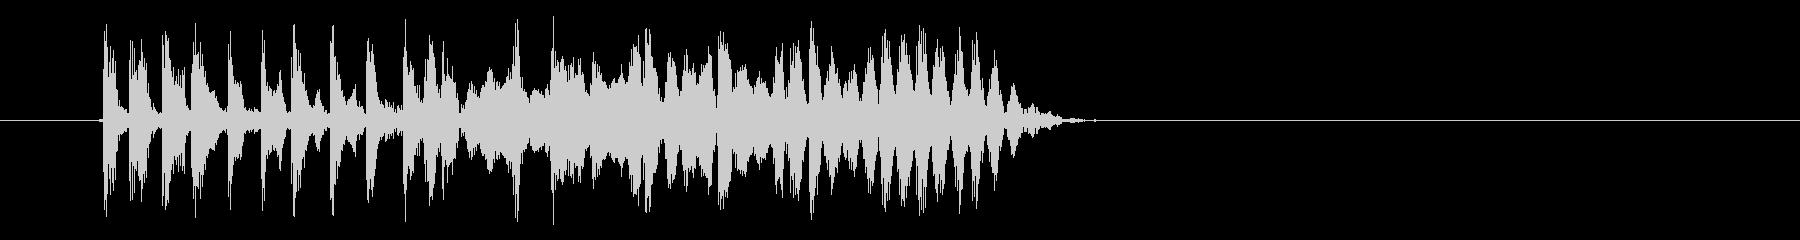 アンティークウッドメカニズム:重い...の未再生の波形